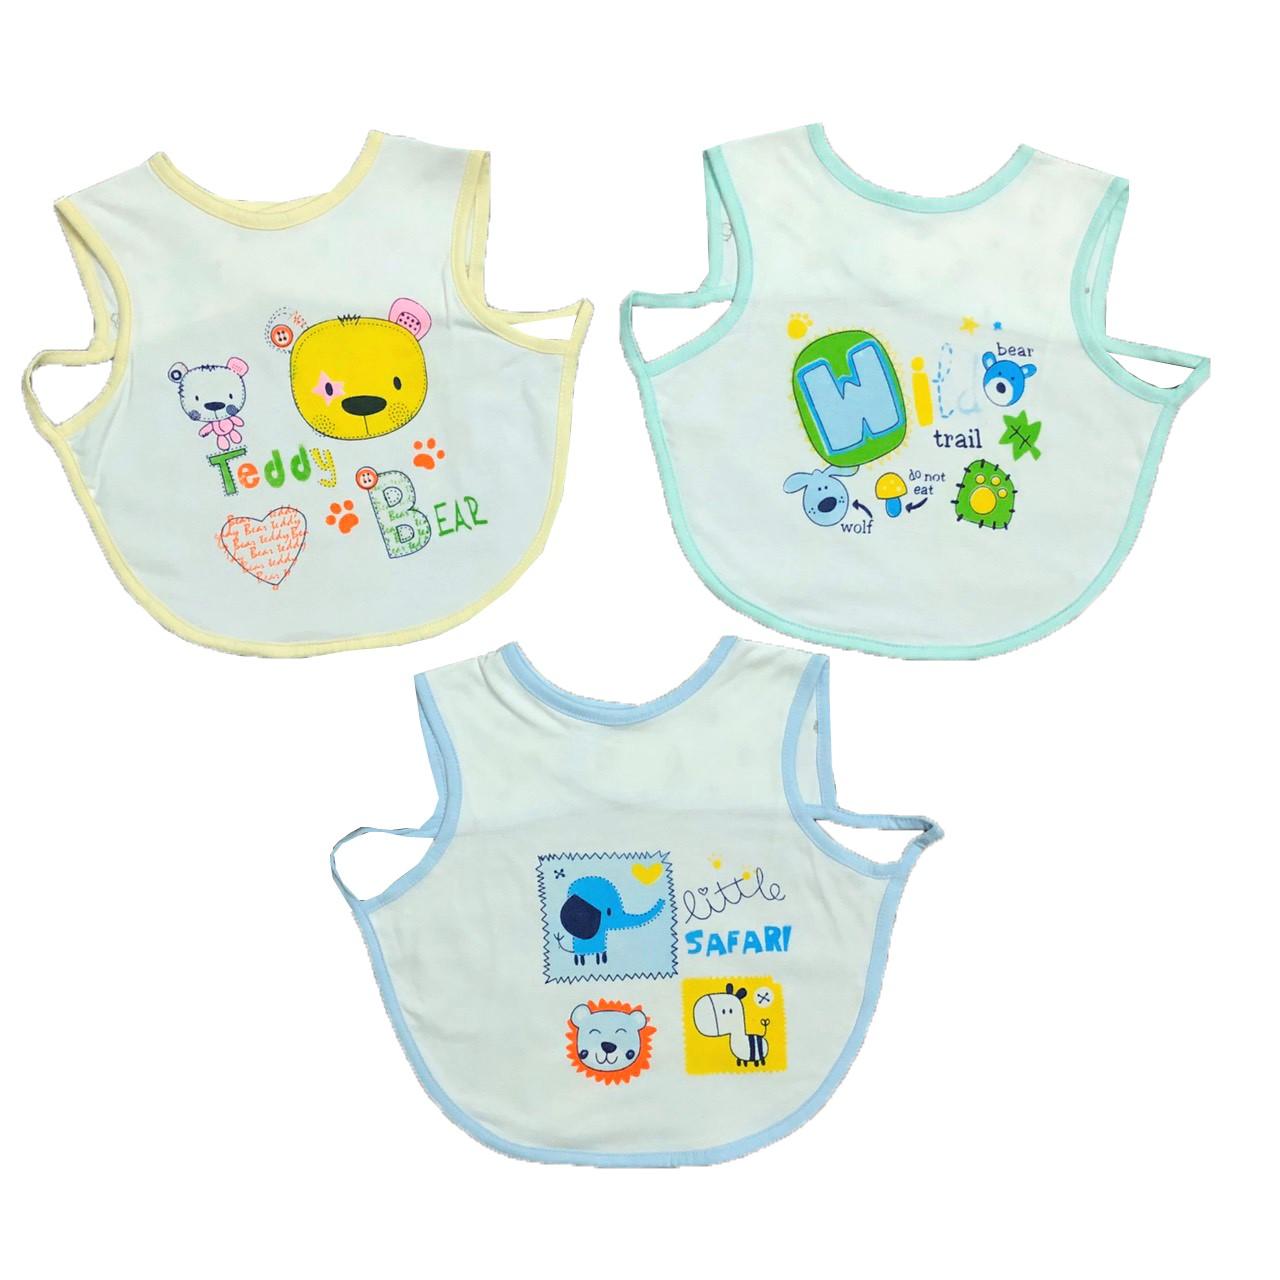 Combo 3 yếm áo cotton ăn dặm cho bé trai, bé gái 12-18M, chất vải cotton 100% mềm, mịn, thoáng mát, giữ gìn vệ sinh cho bé yêu